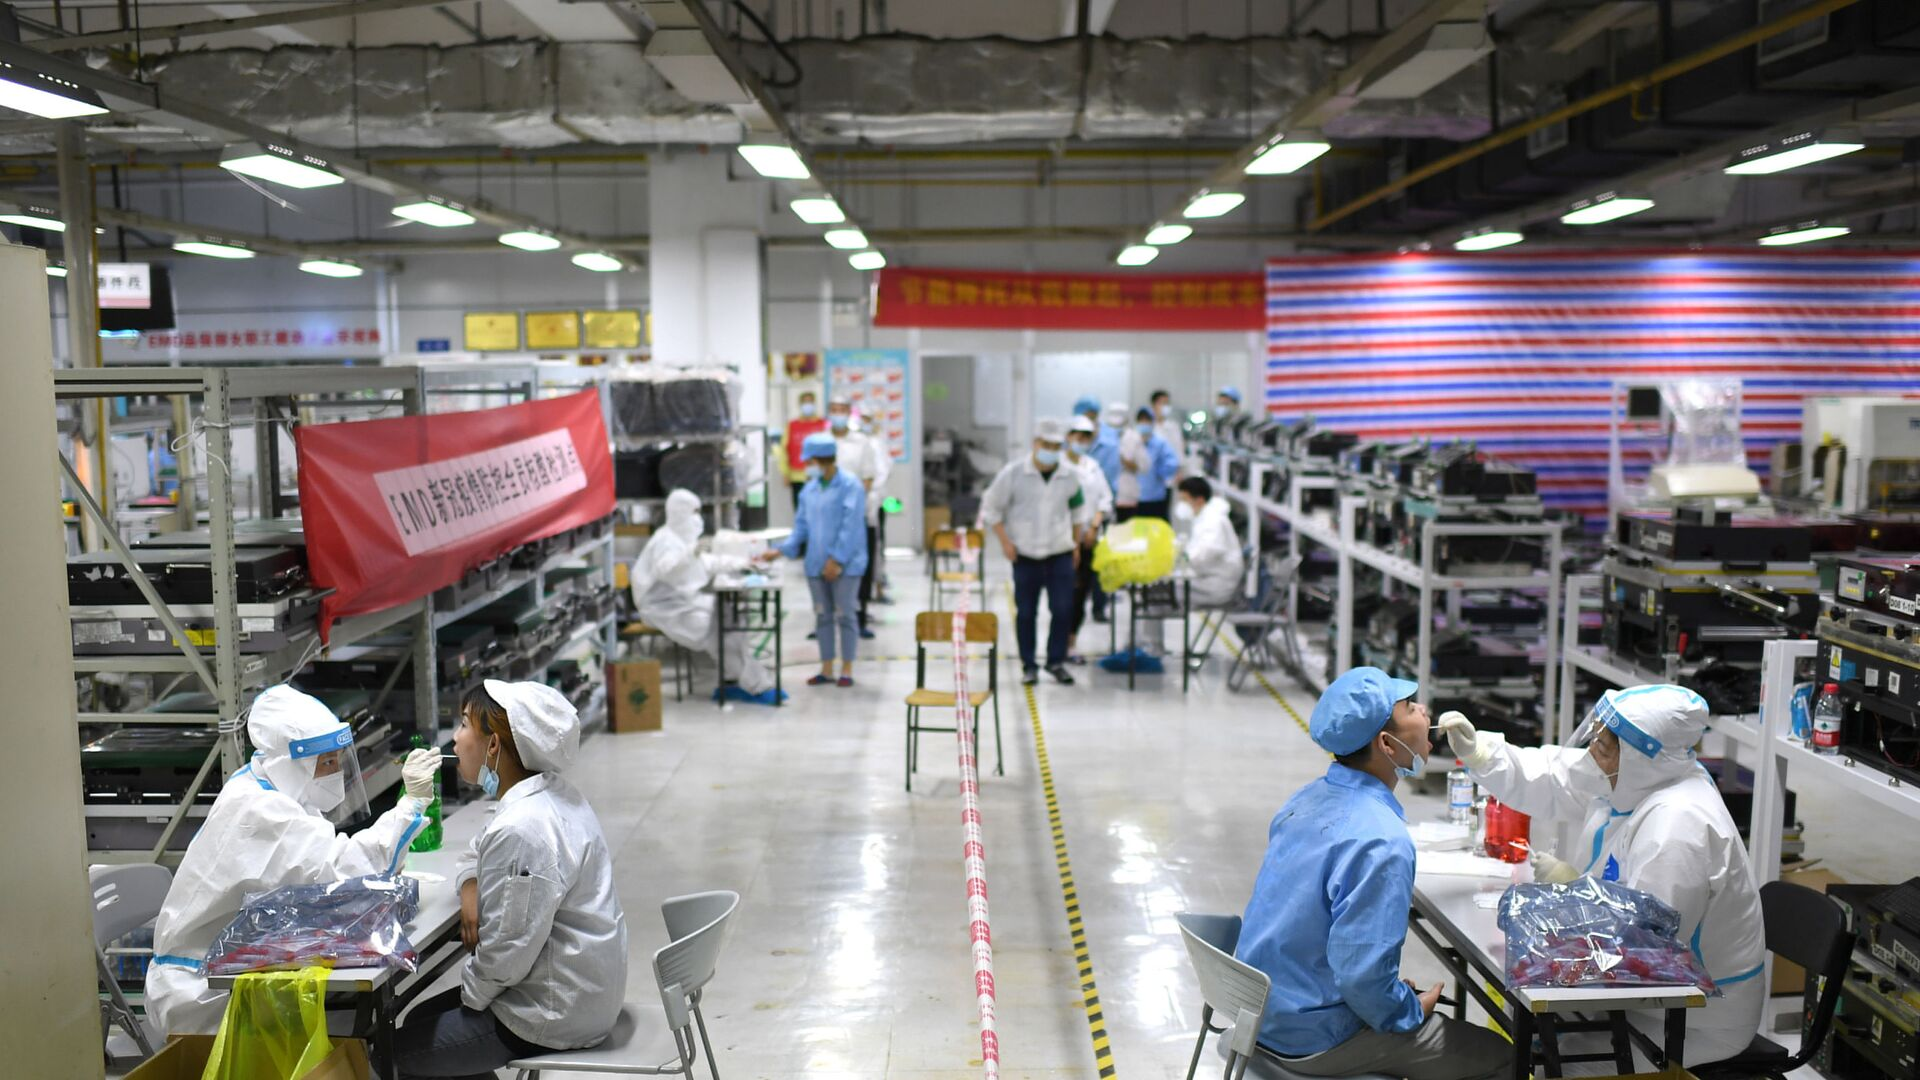 Koronavirüs salgınının (Kovid-19) sıfır noktası olduğu düşünülen Çin'in Vuhan kentinde tespit edilen Kovid-19 vakalarının ardından başlatılan test seferberliği ile kent nüfusunun neredeyse tamamına Kovid-19 testi uygulandı. - Sputnik Türkiye, 1920, 08.08.2021